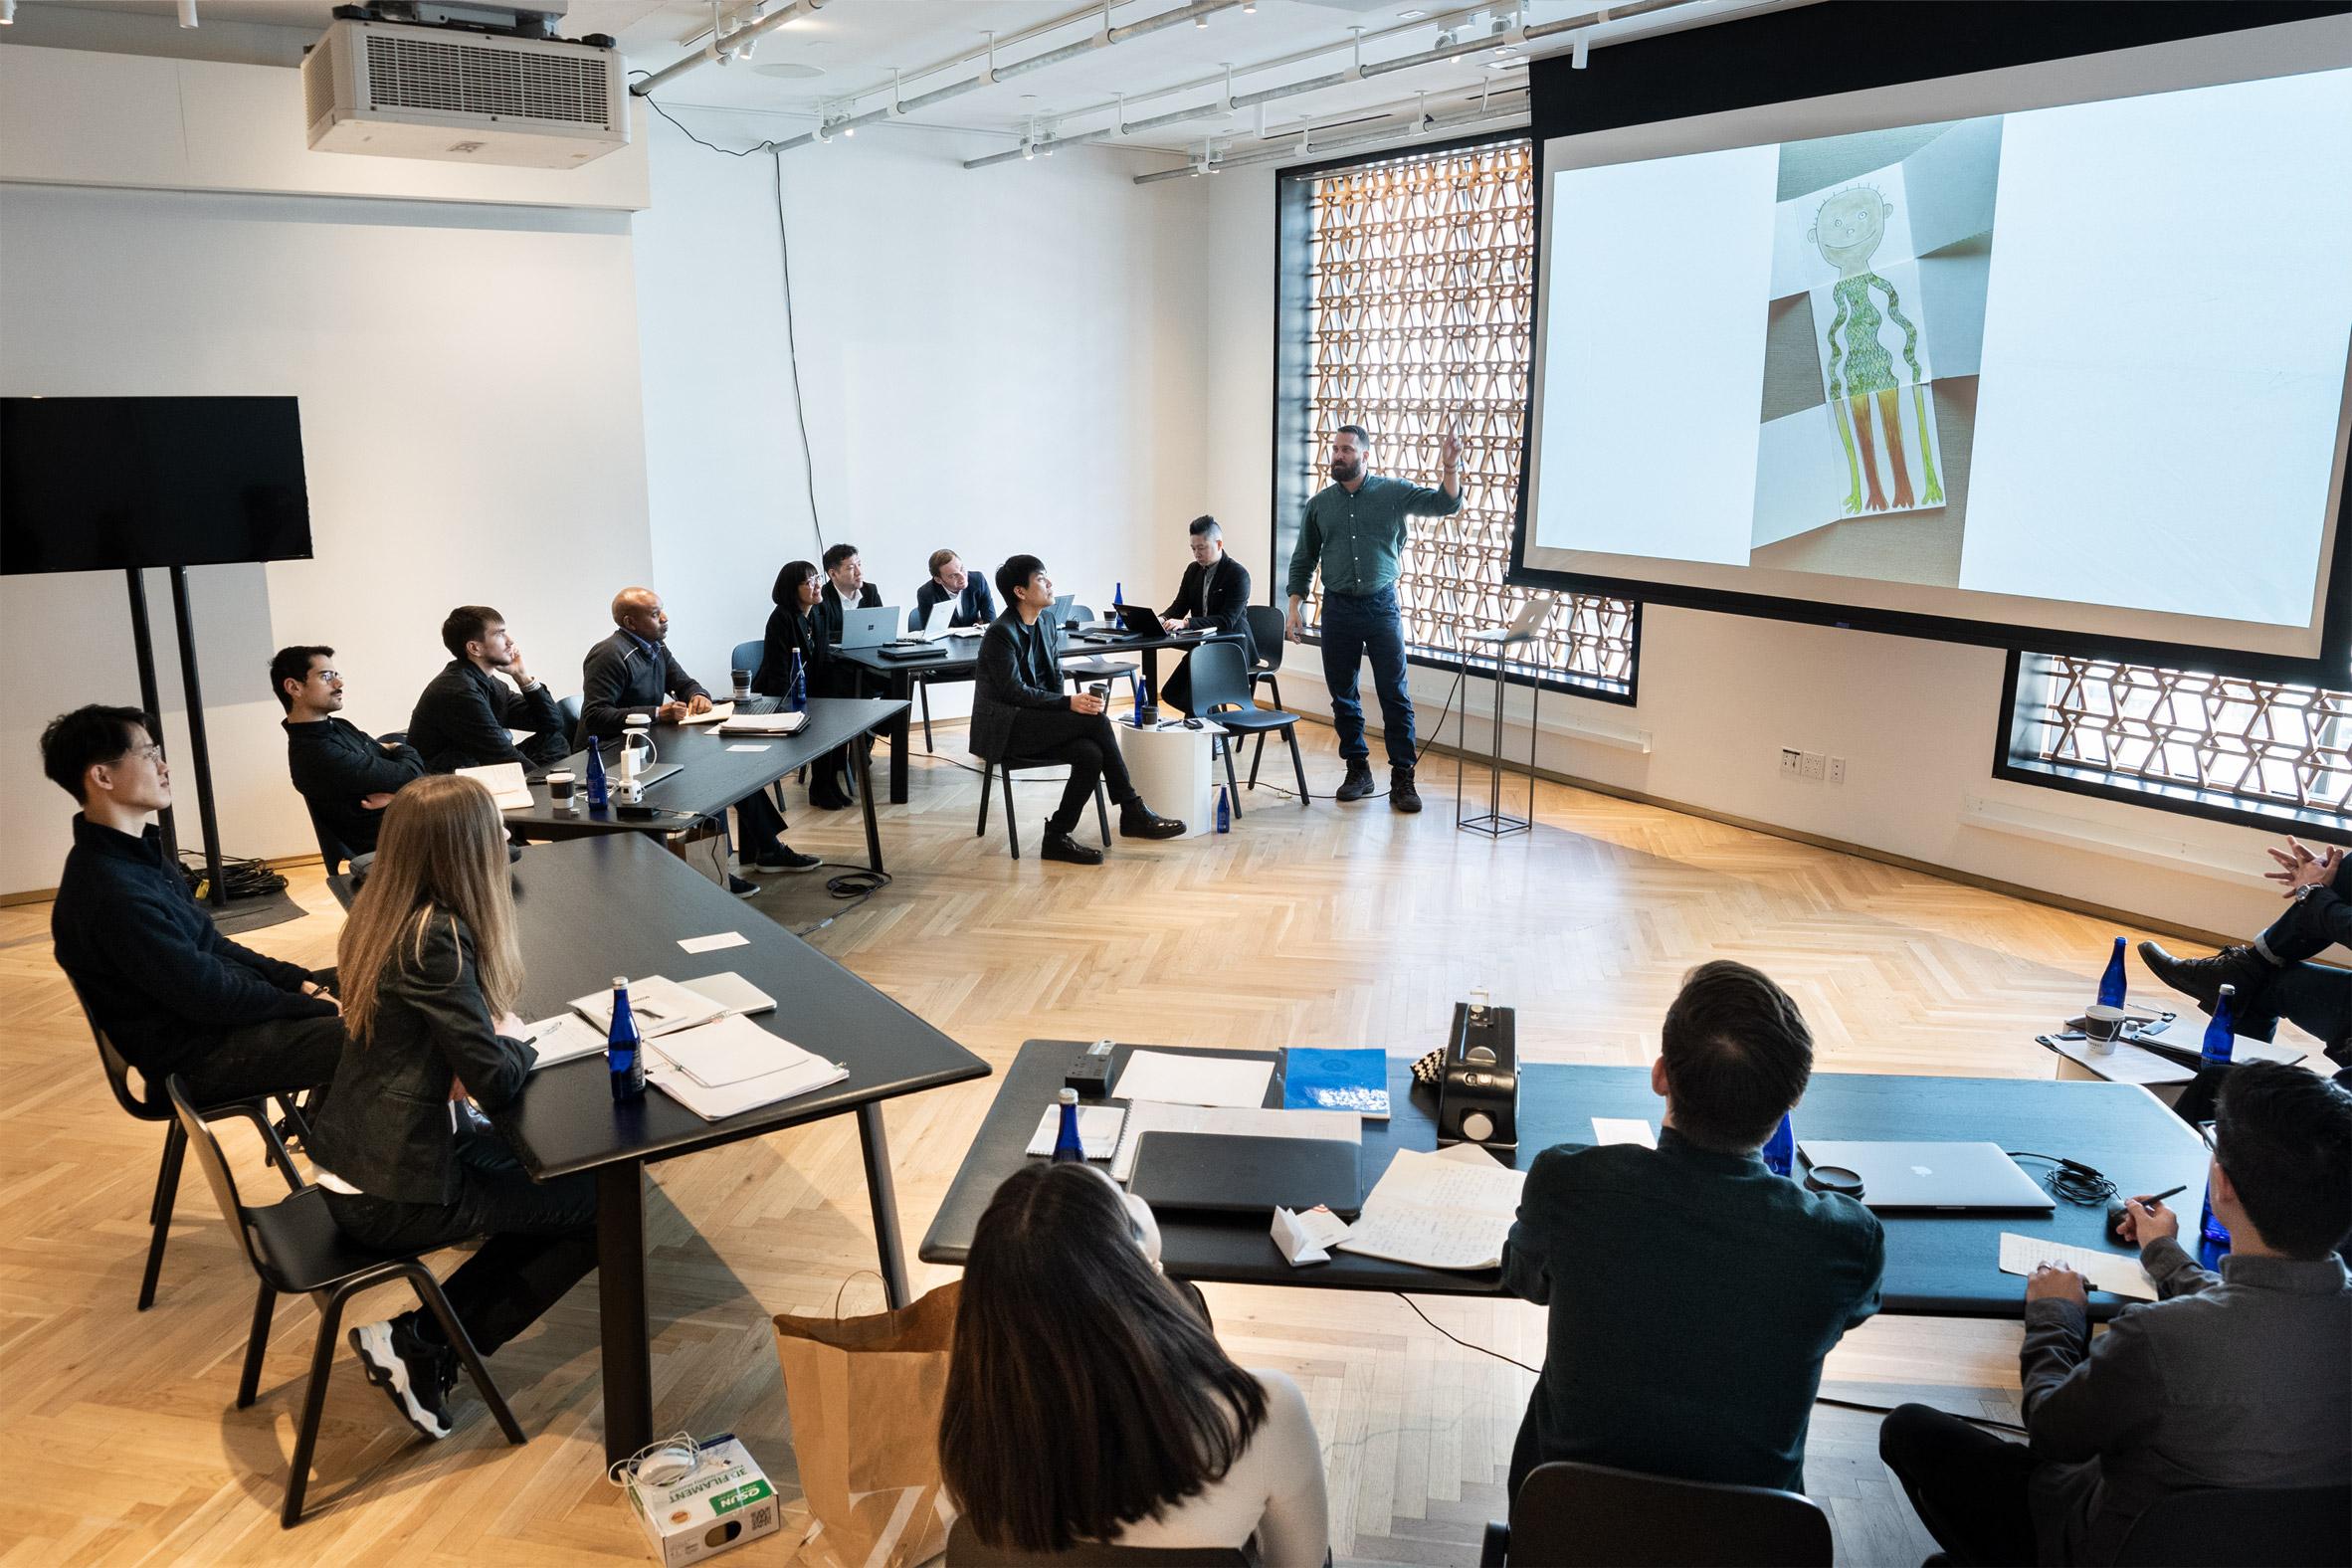 Dezeen promotion: BellTower wins Lexus Design Award 2020